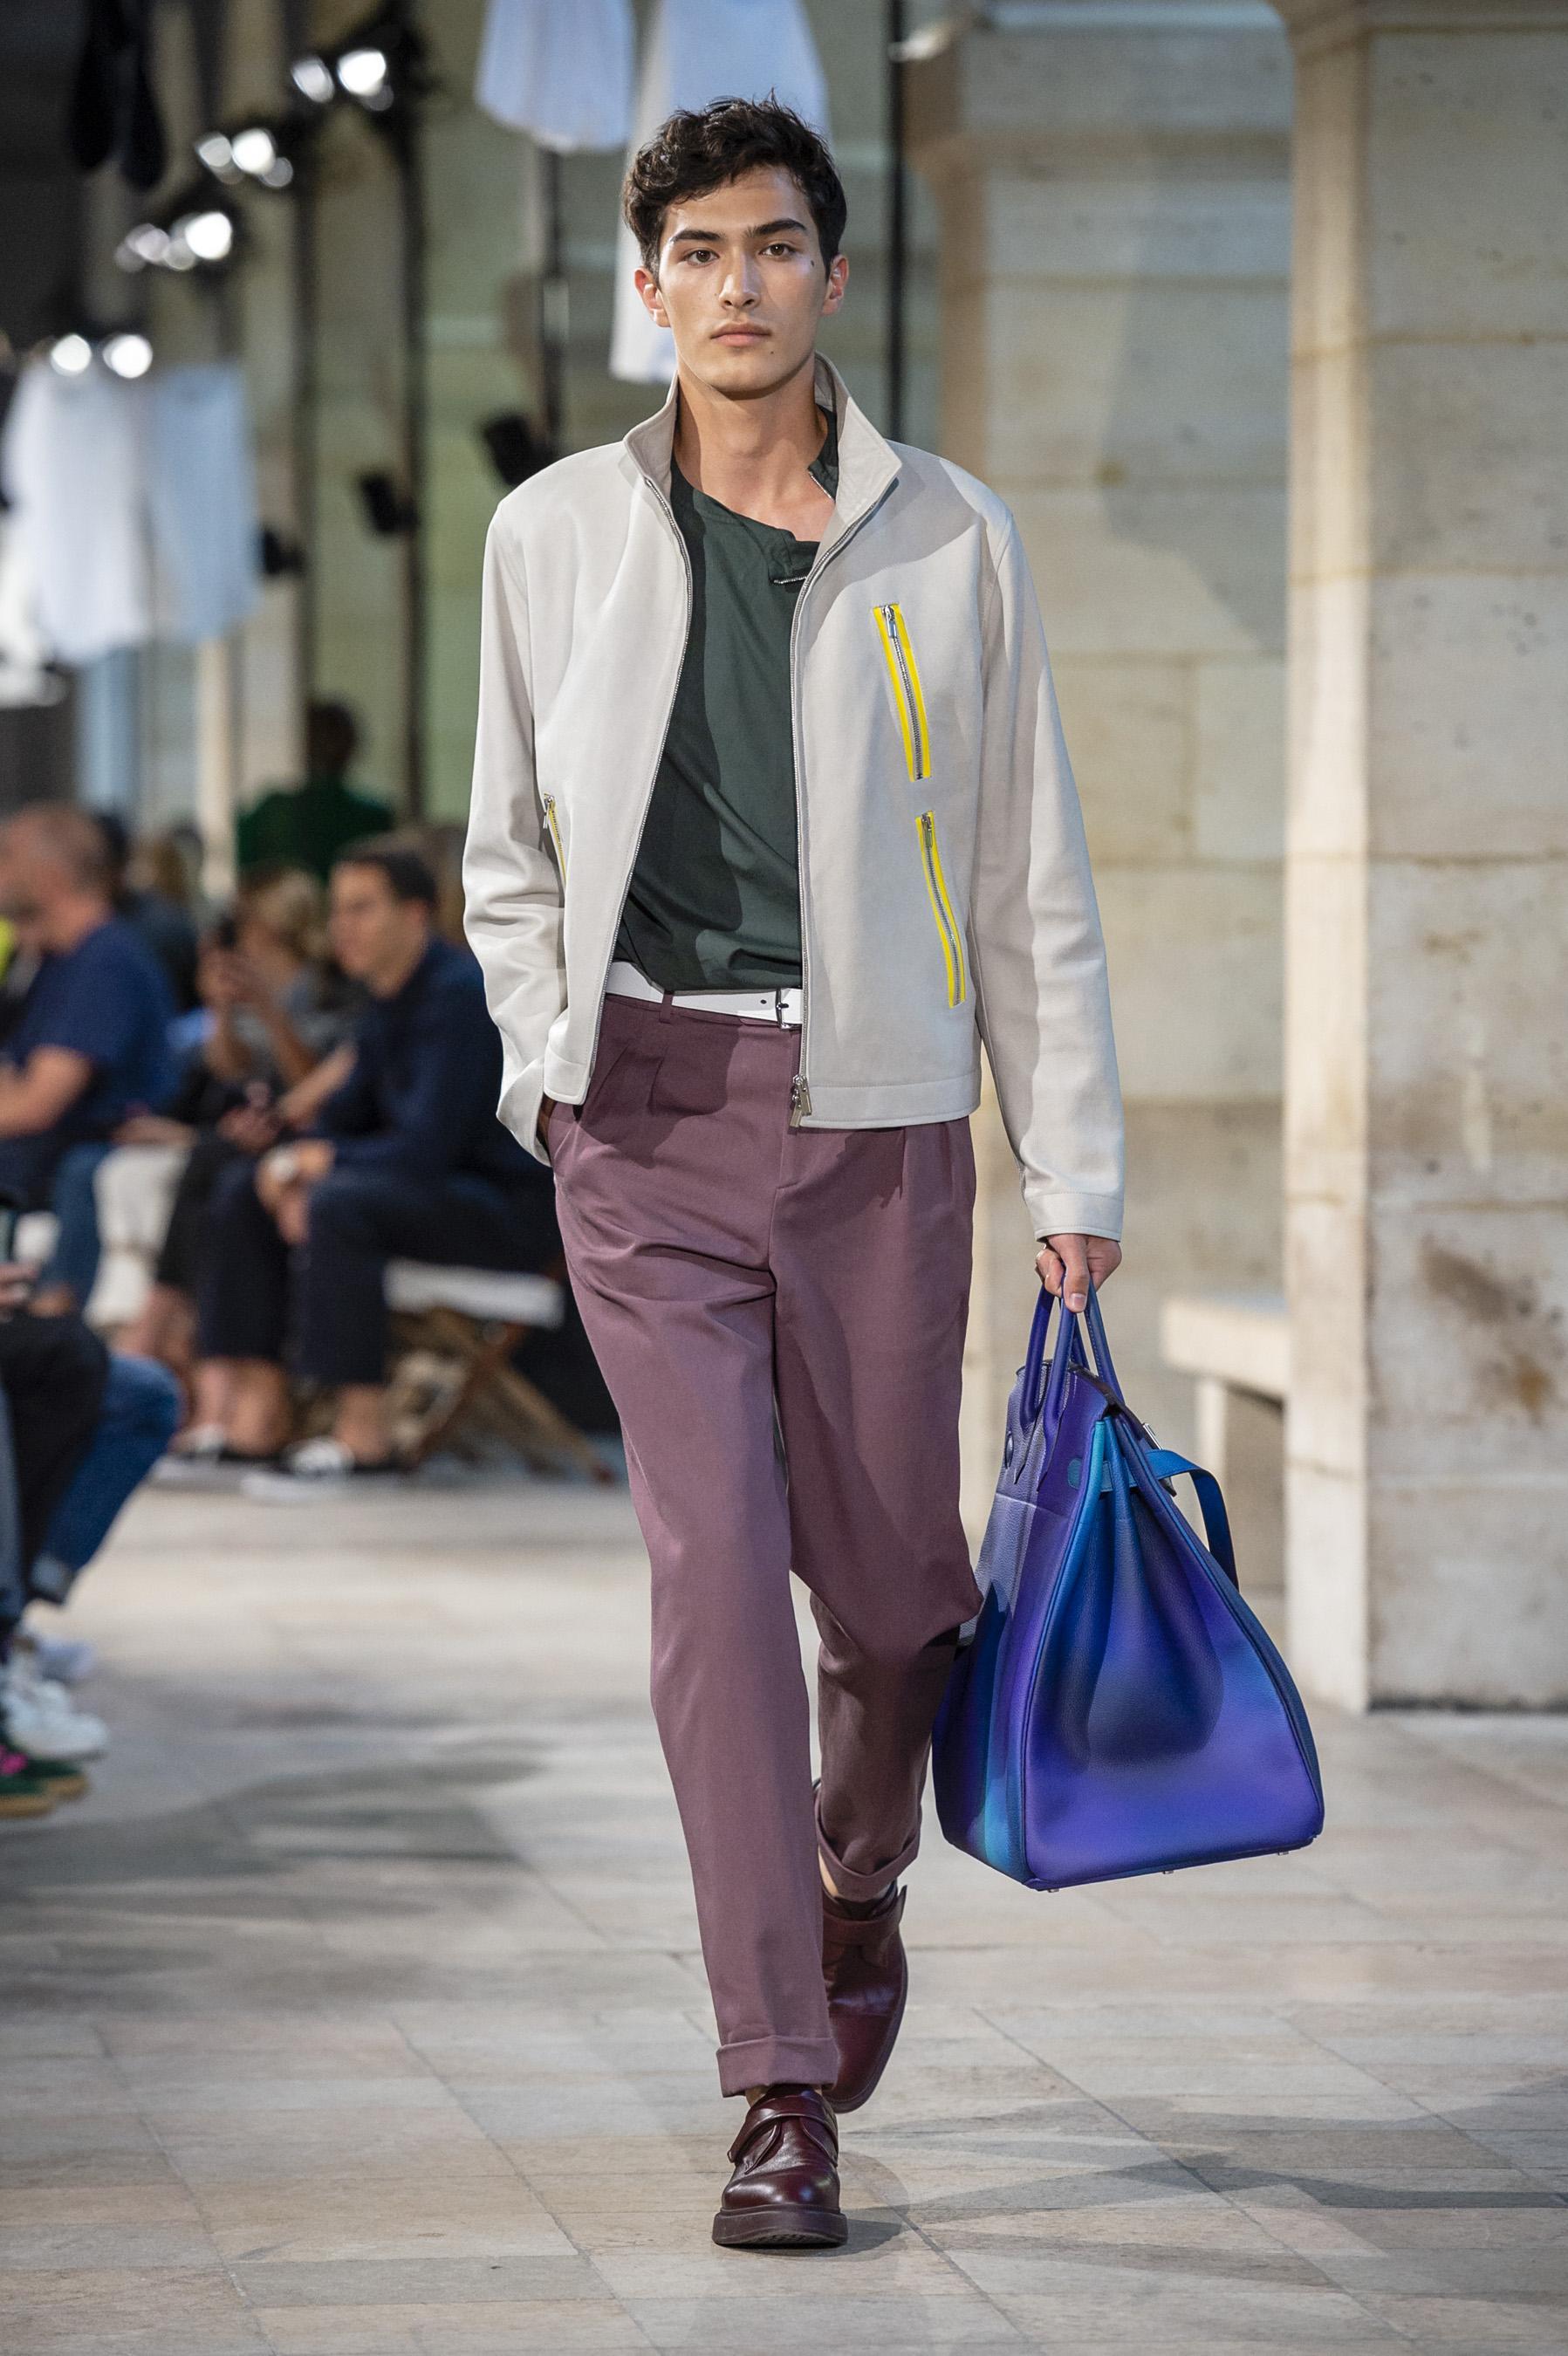 281d46c6f16 Défilé Hermès printemps-été 2019 Homme - Madame Figaro